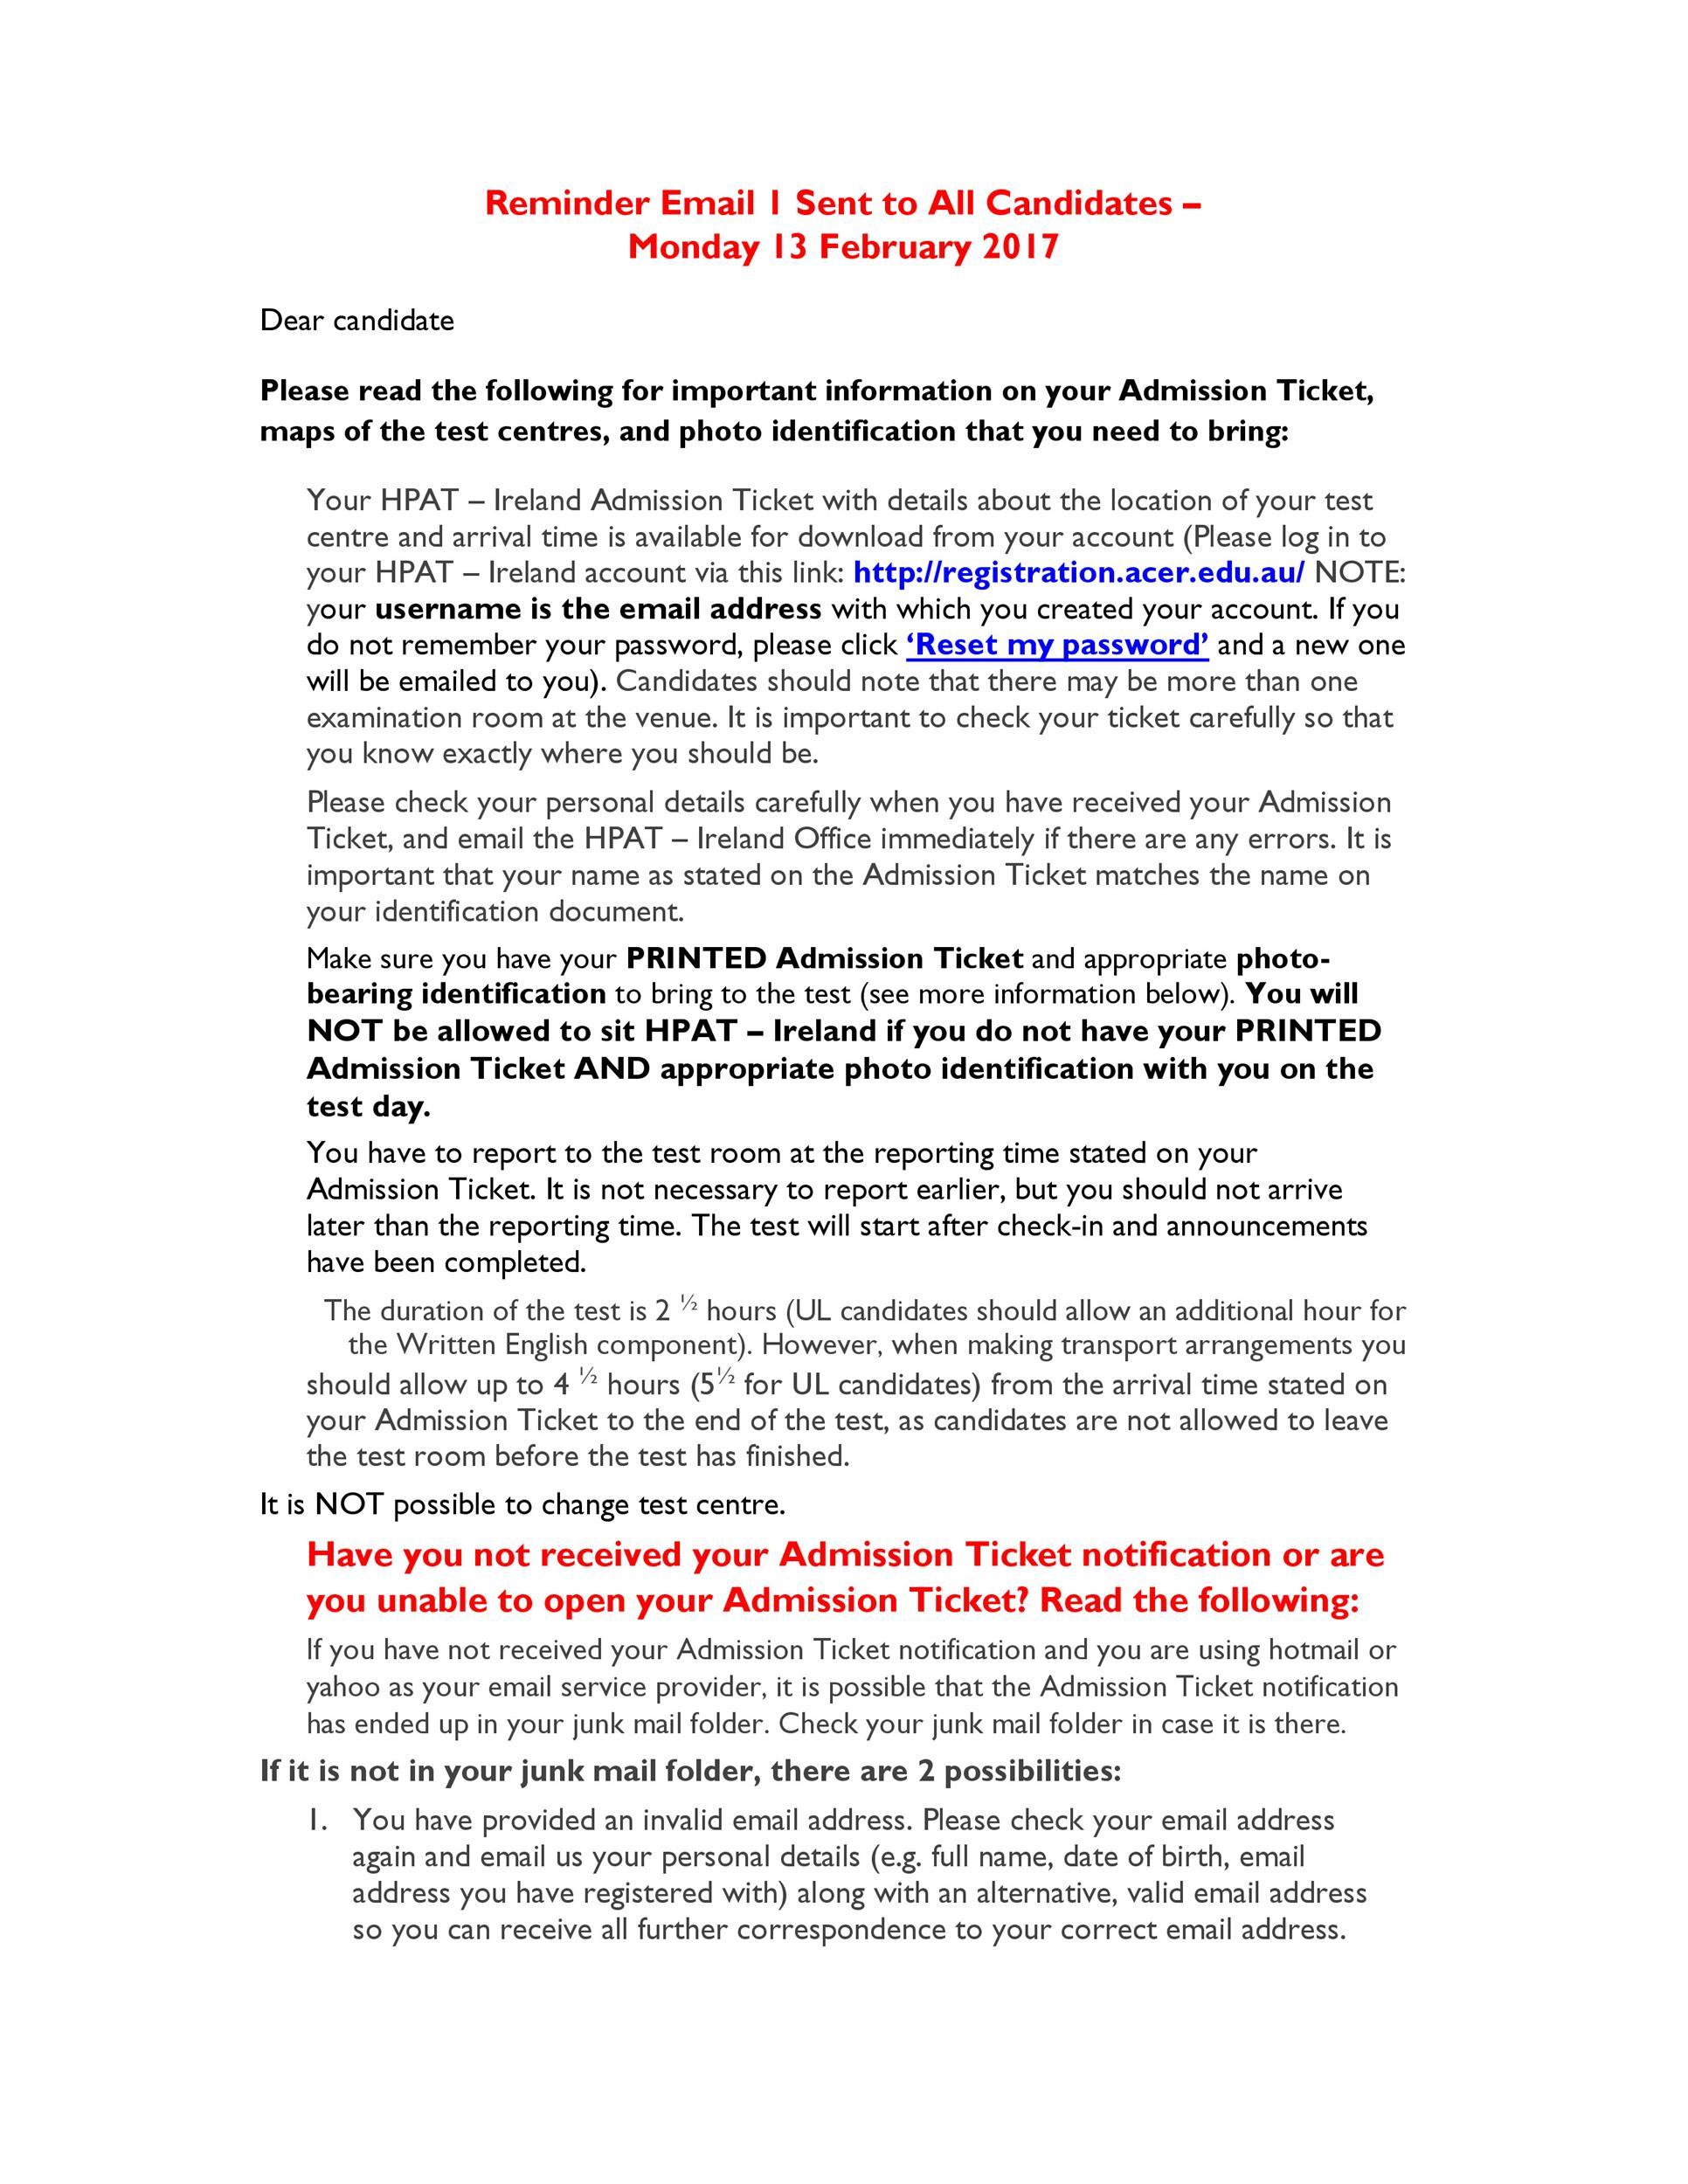 Free reminder email sample 33